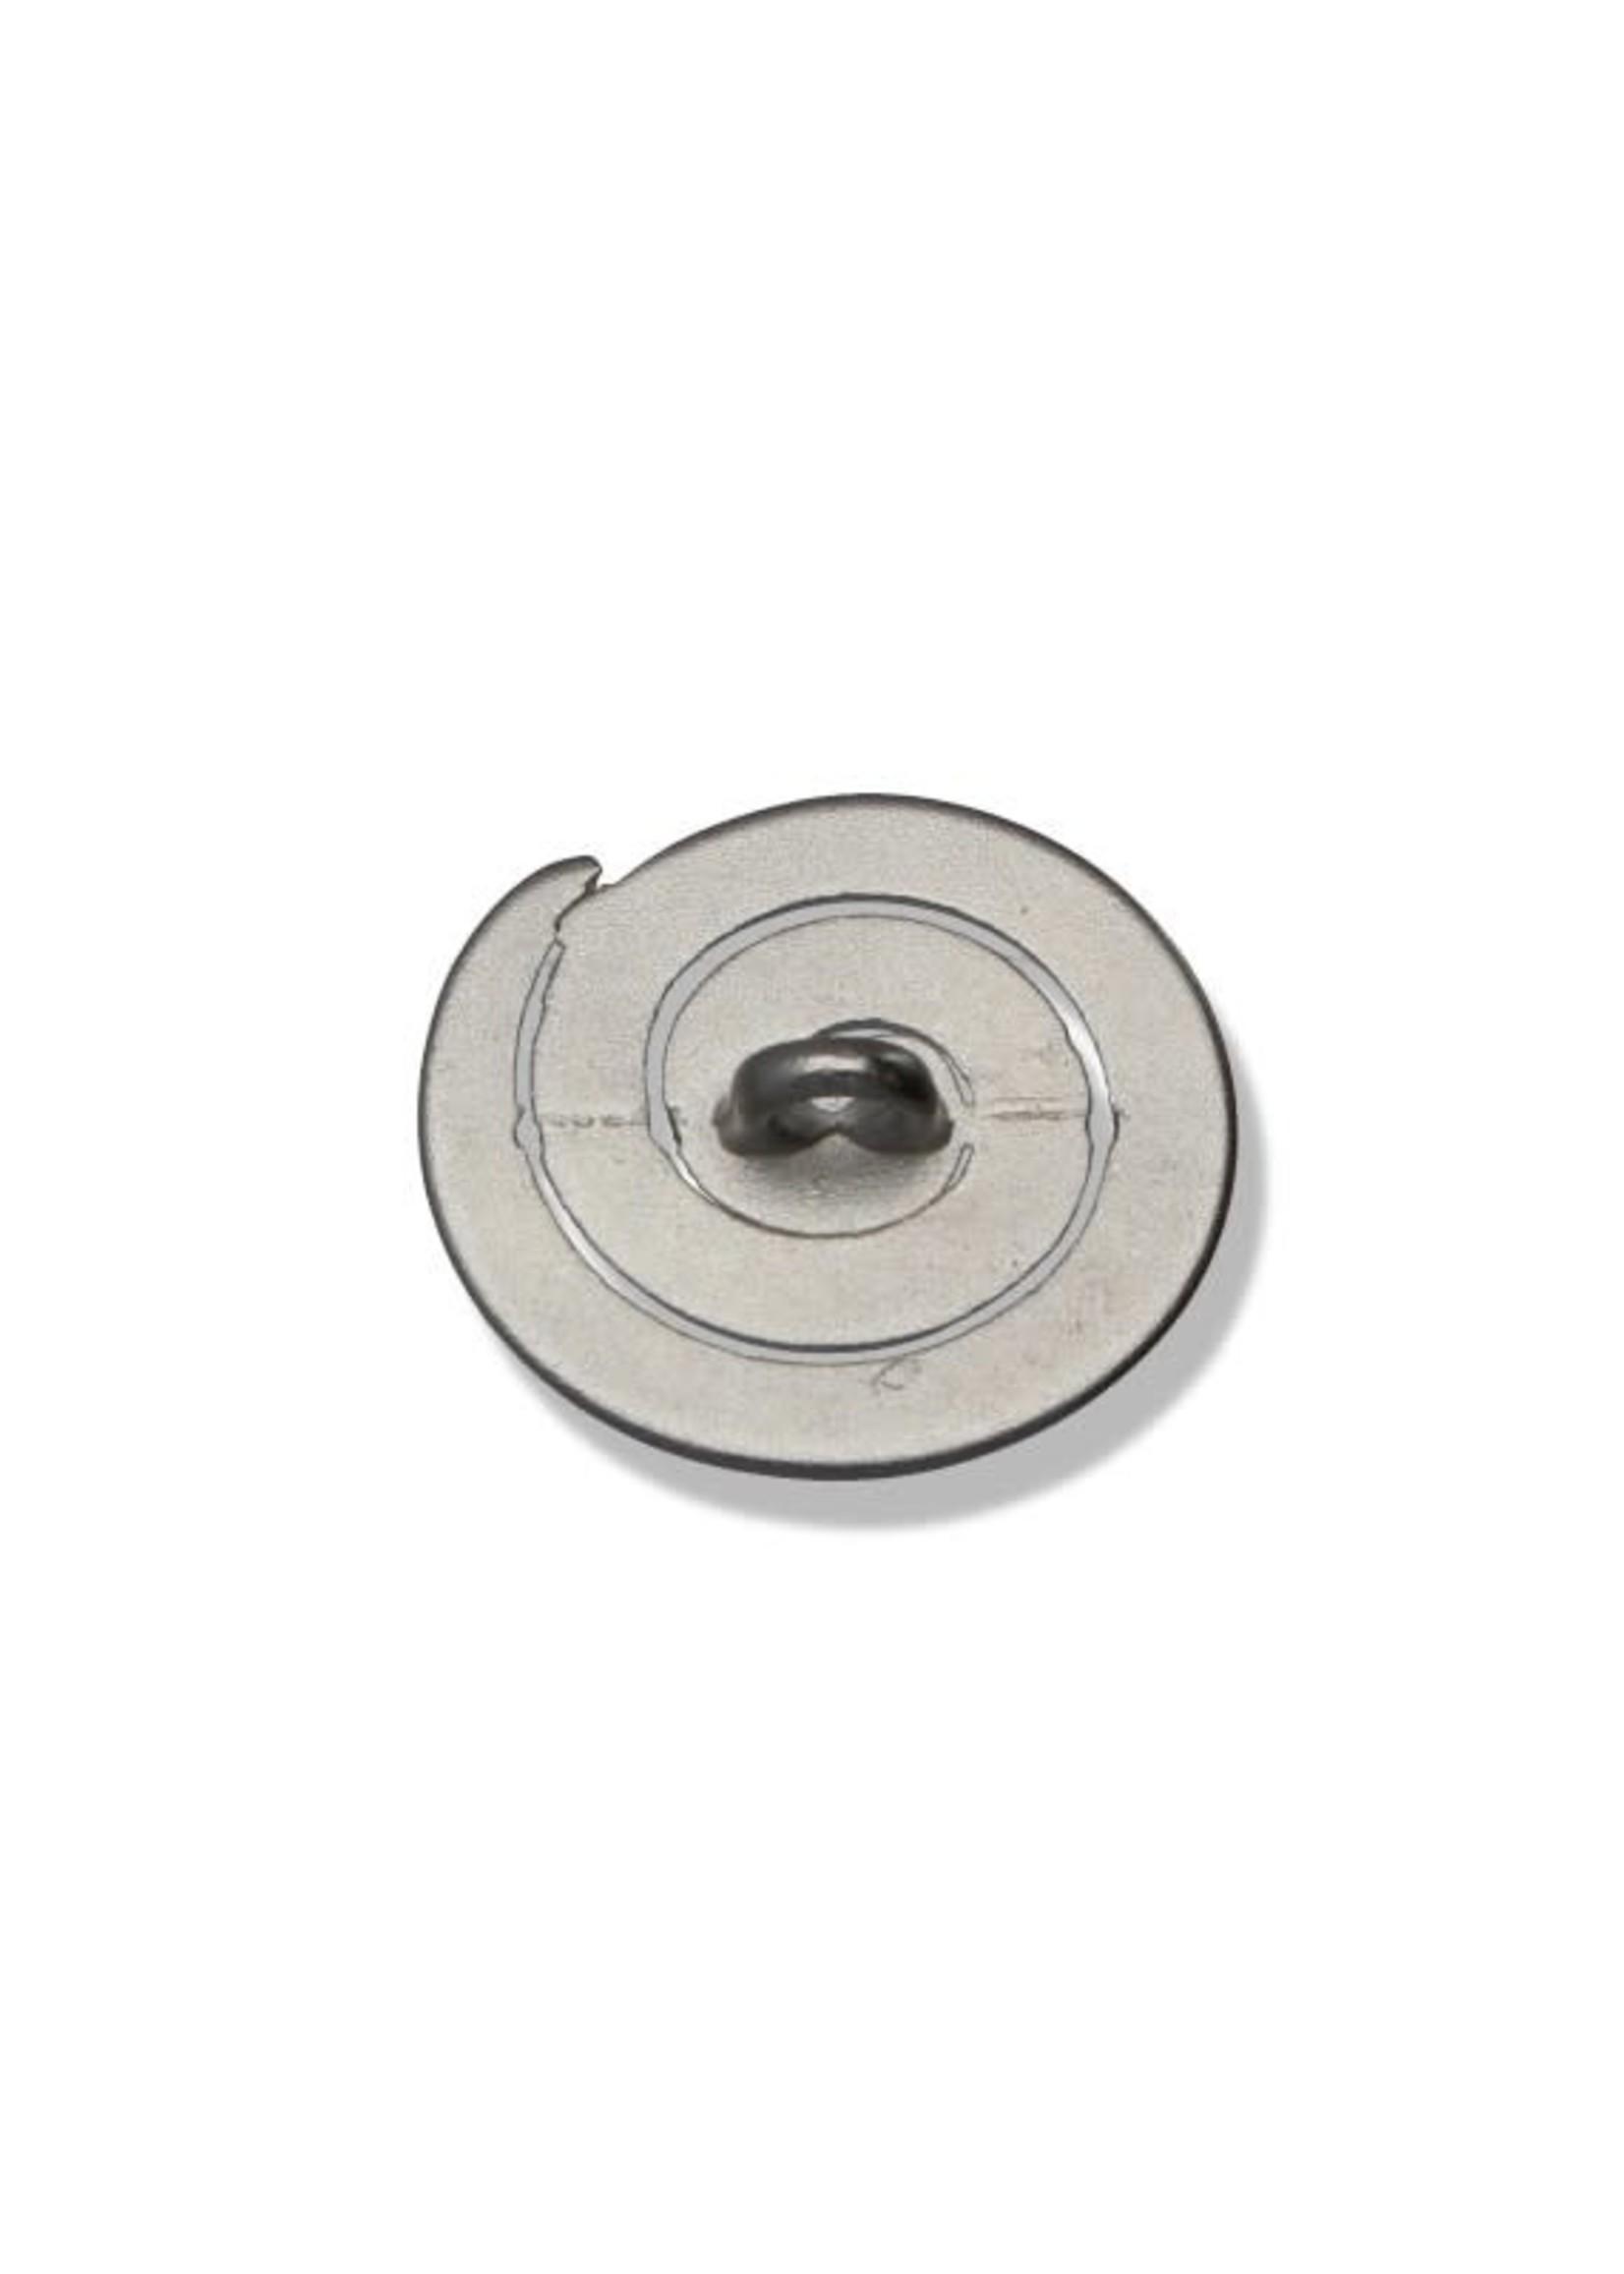 Seco Knopf Metal Spun Buttons